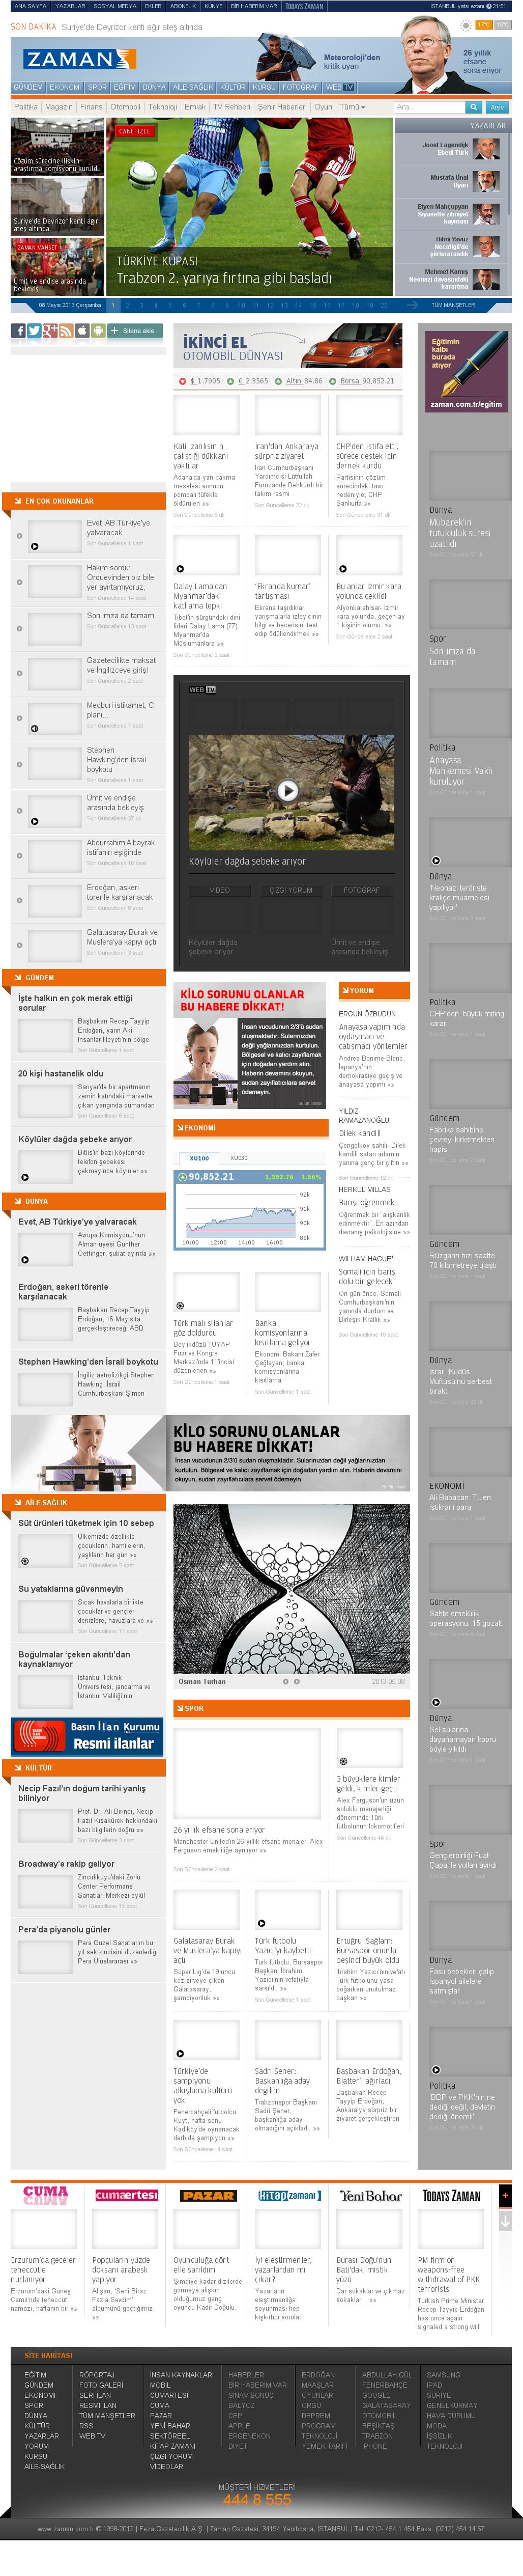 Zaman Online at Wednesday May 8, 2013, 5:32 p.m. UTC